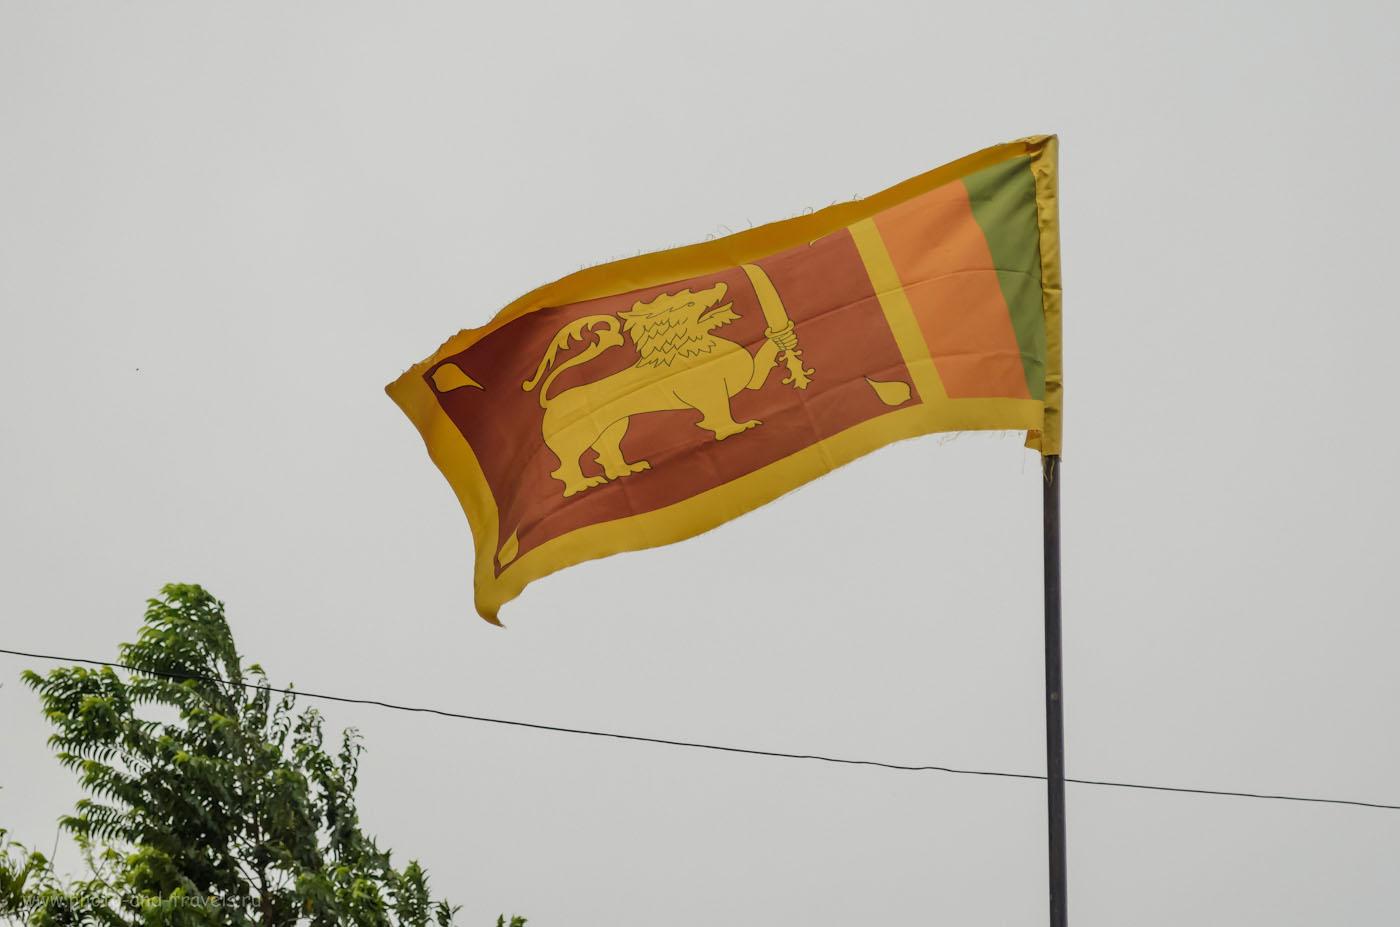 Фото 1. Флаг Шри-Ланки у отеля в городе Полоннарува. Отчет о самостоятельном путешествии по острову на машине, взятой в аренду. Камера Nikon D5100 KIT 18-55 VR.